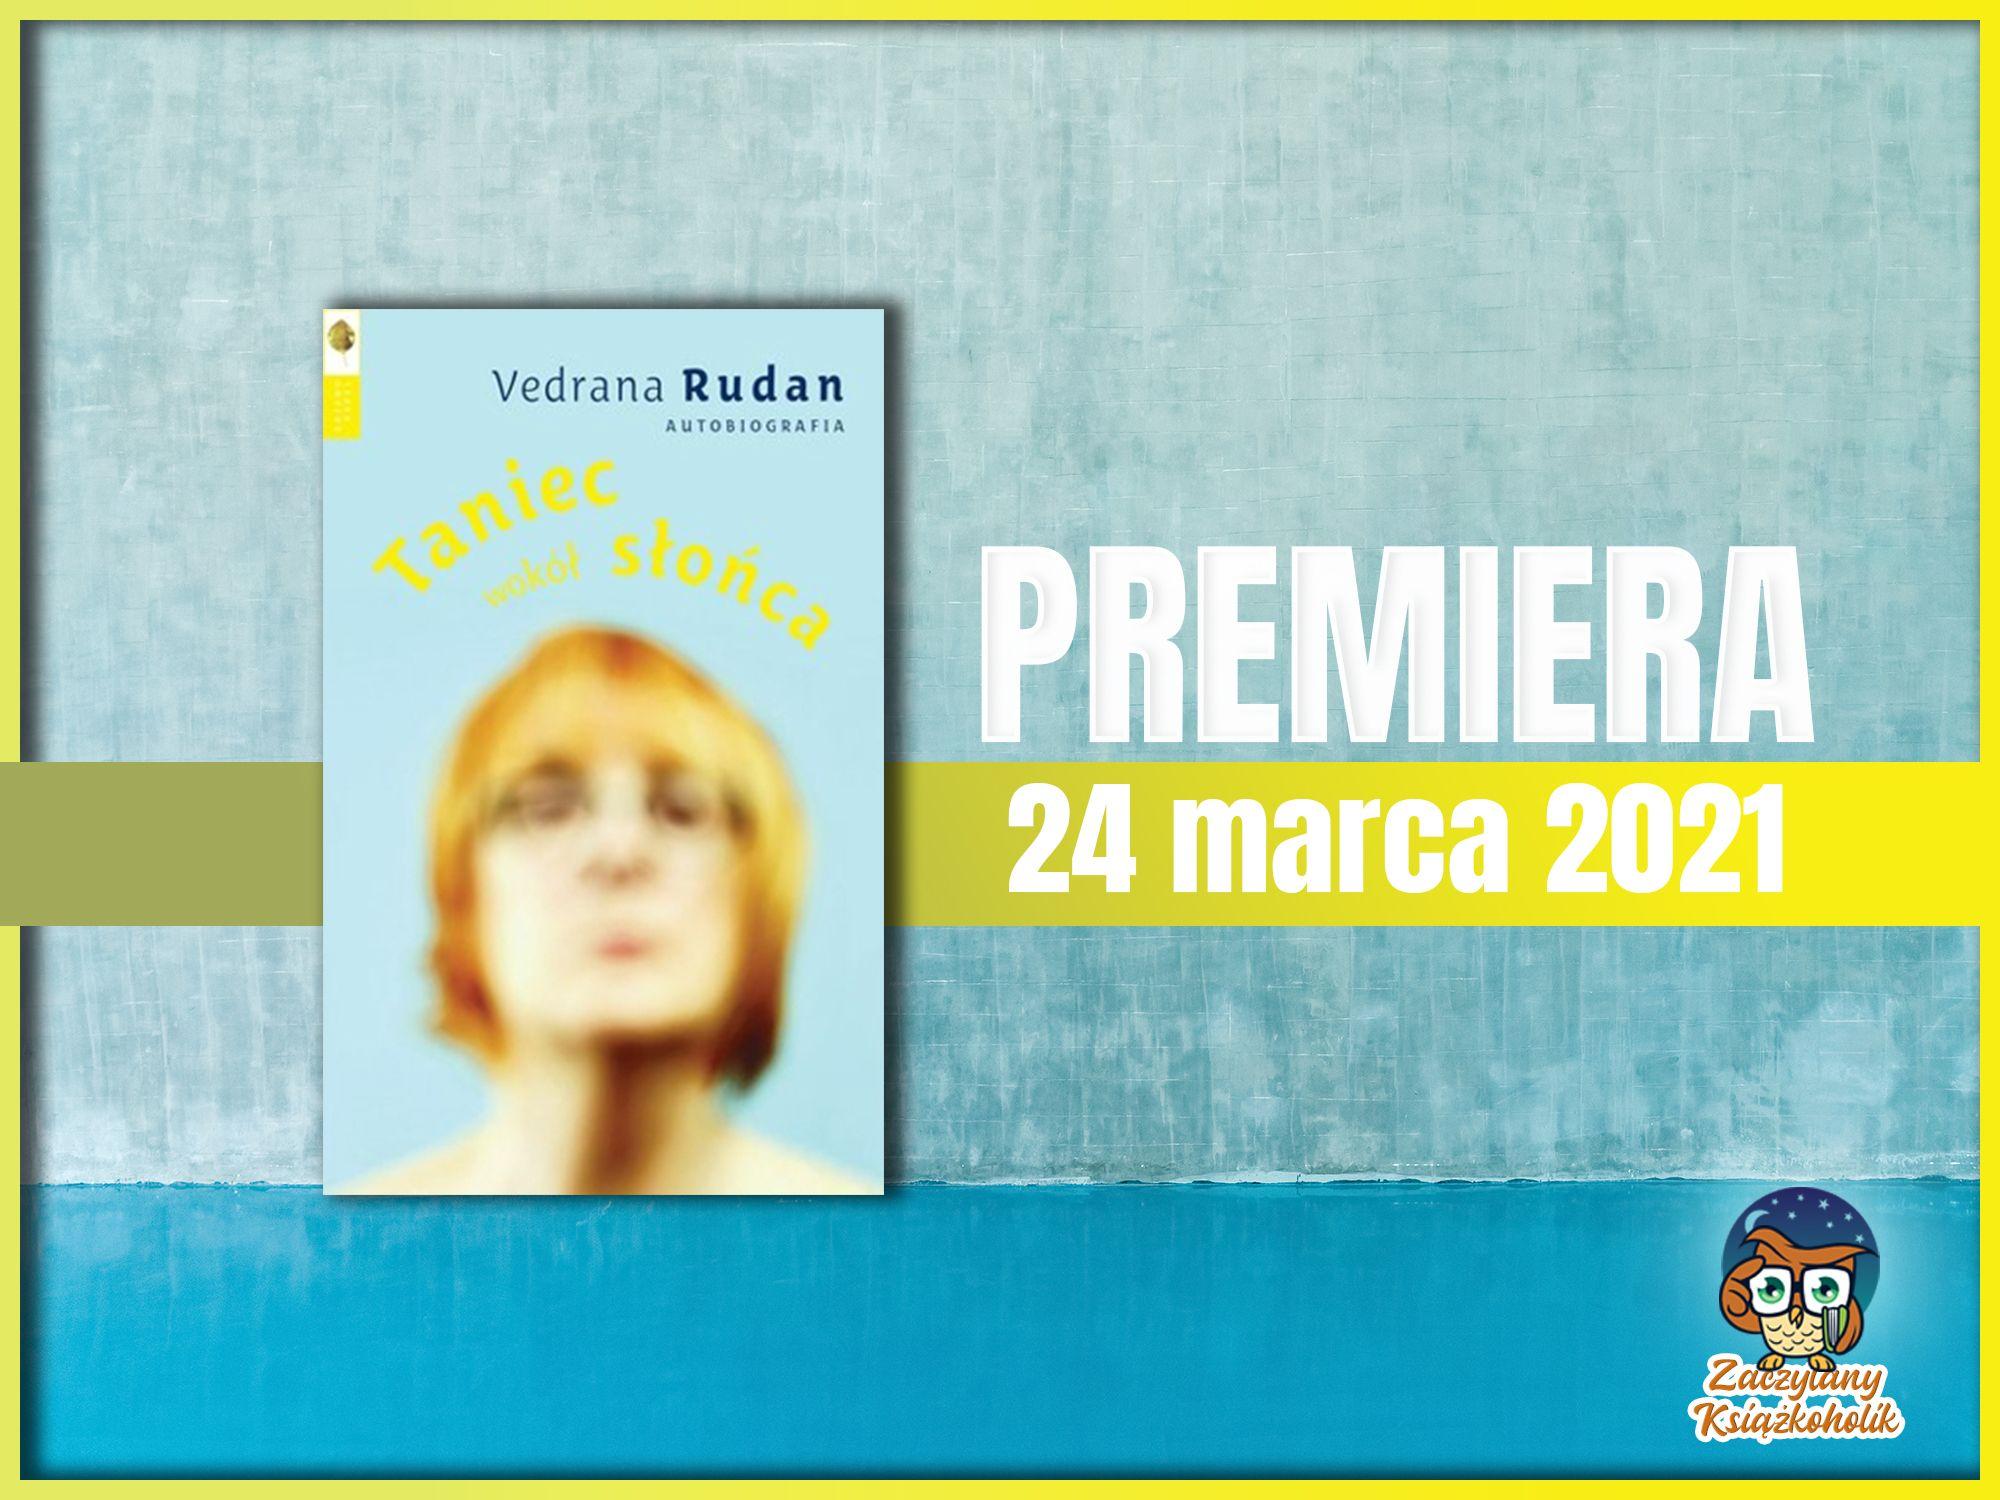 Taniec wokół słońca. Autobiografia, Vedrana Rudan, zaczytanyksiazkoholik.pl